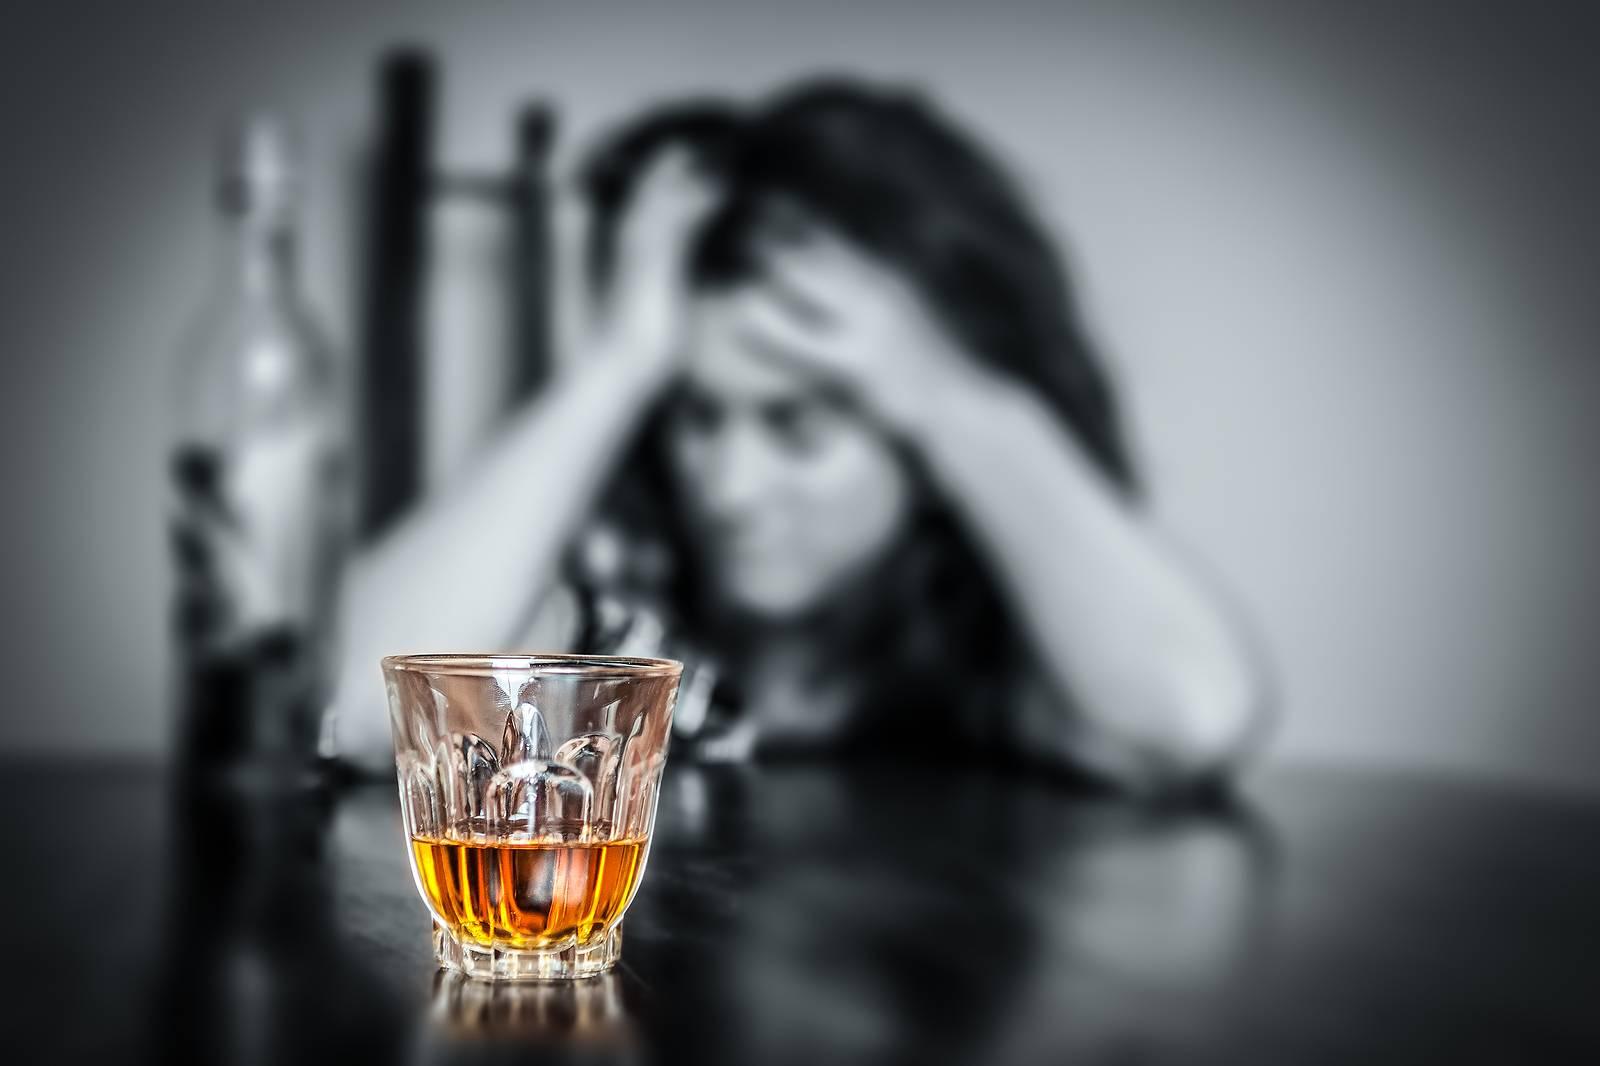 Алкоголь и депрессия: есть ли выход из замкнутого круга